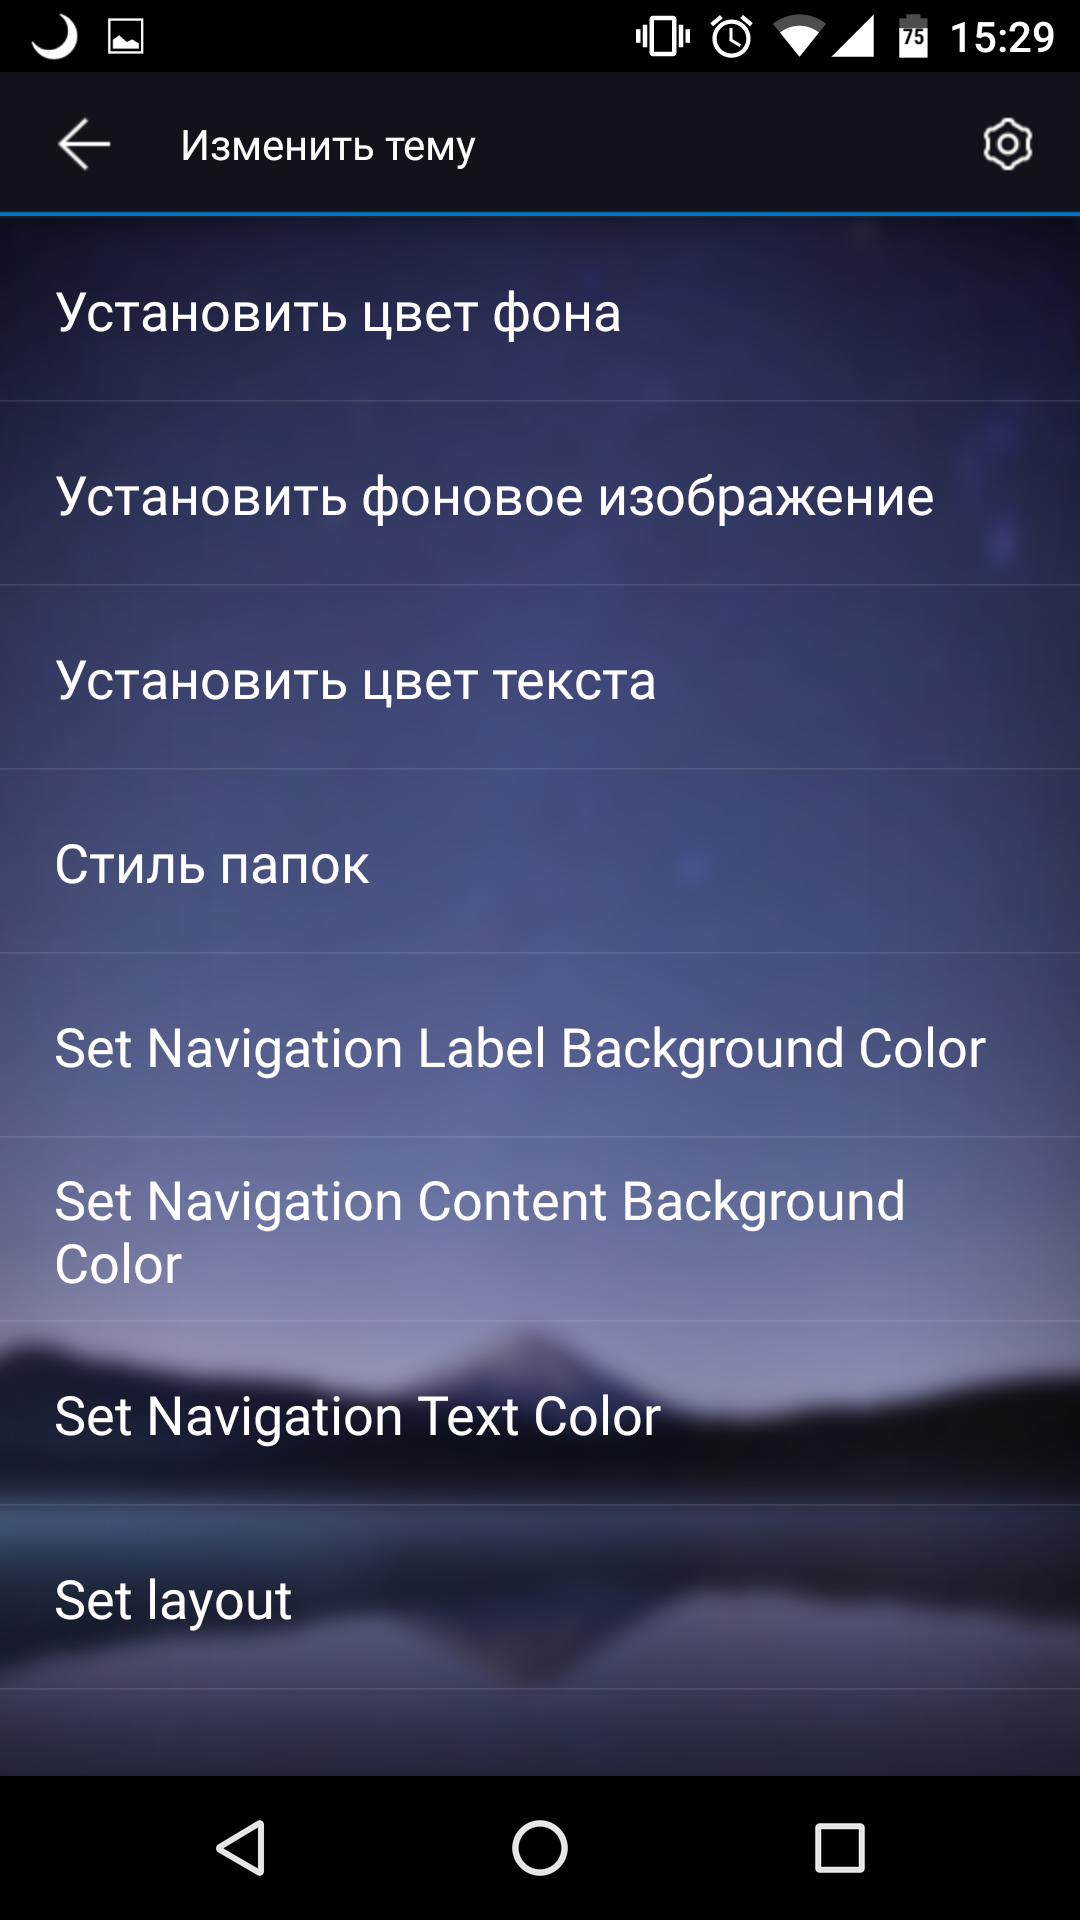 Es проводник для андроид 236 скачать бесплатно - df6